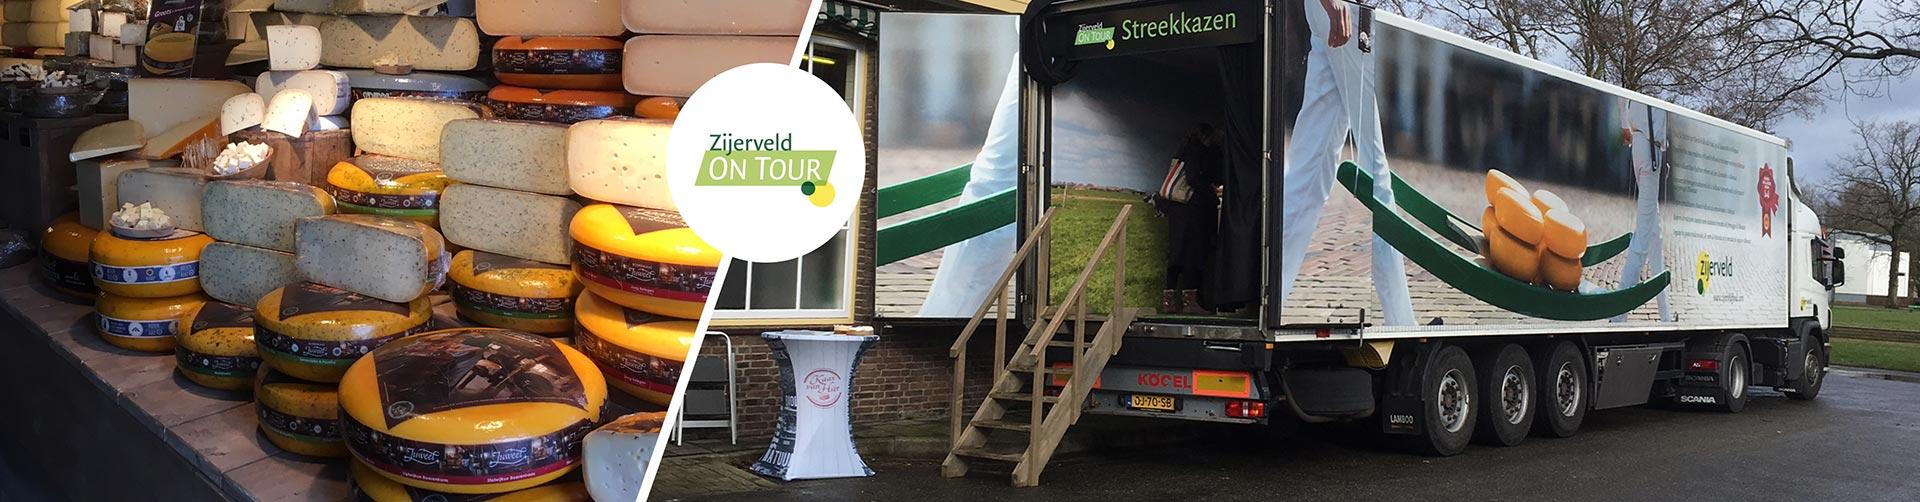 Succesvolle start Zijerveld On Tour 2019